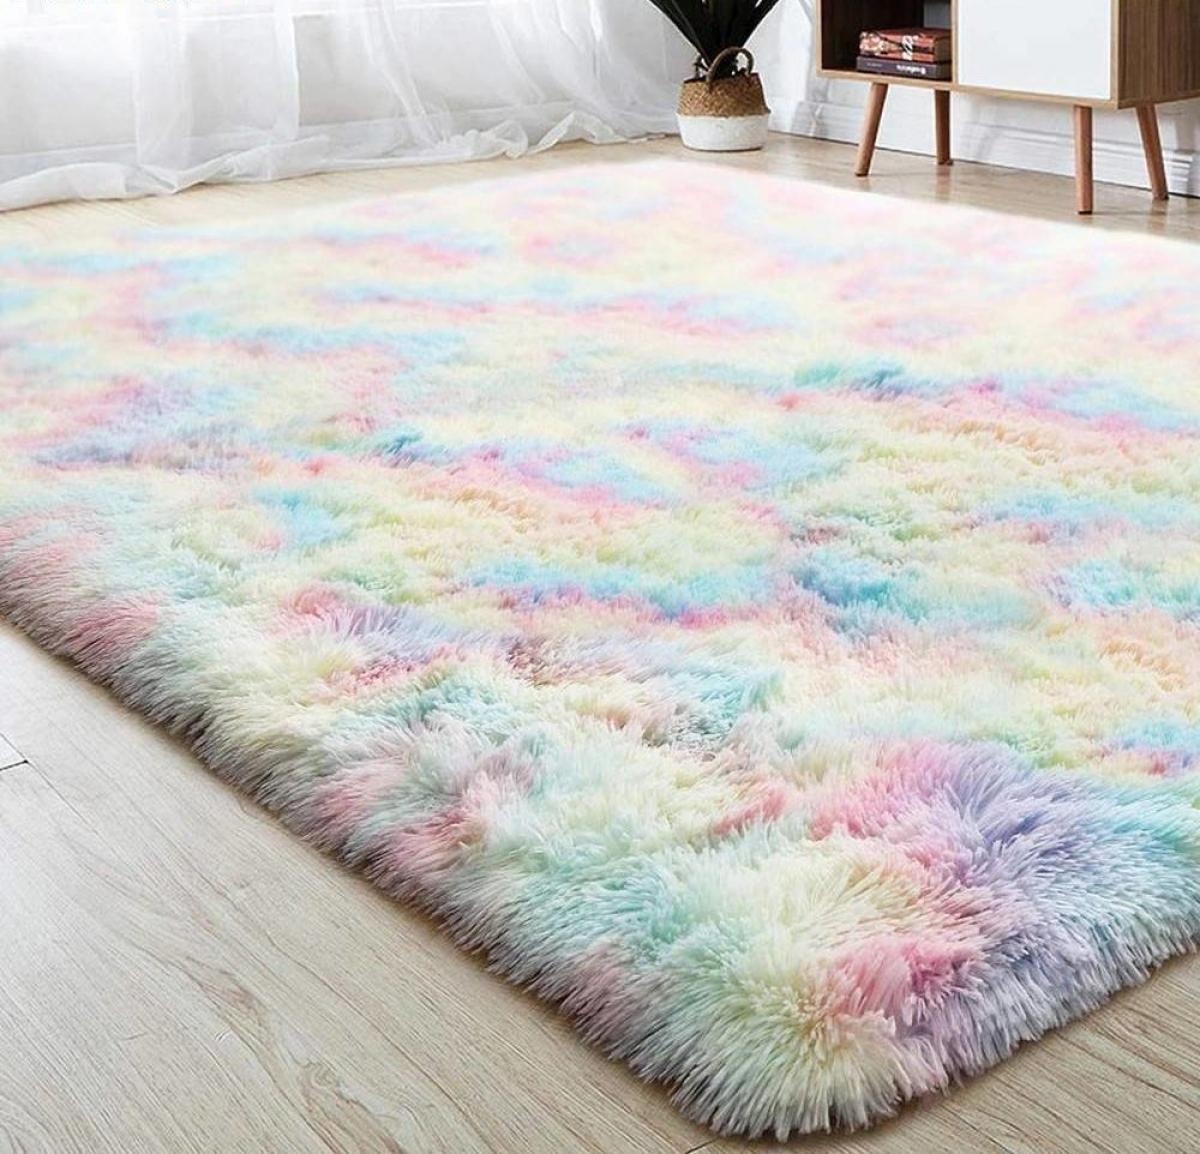 Thảm trải sàn cũng có tác dụng làm giảm tiếng ồn một cách hiệu quả.